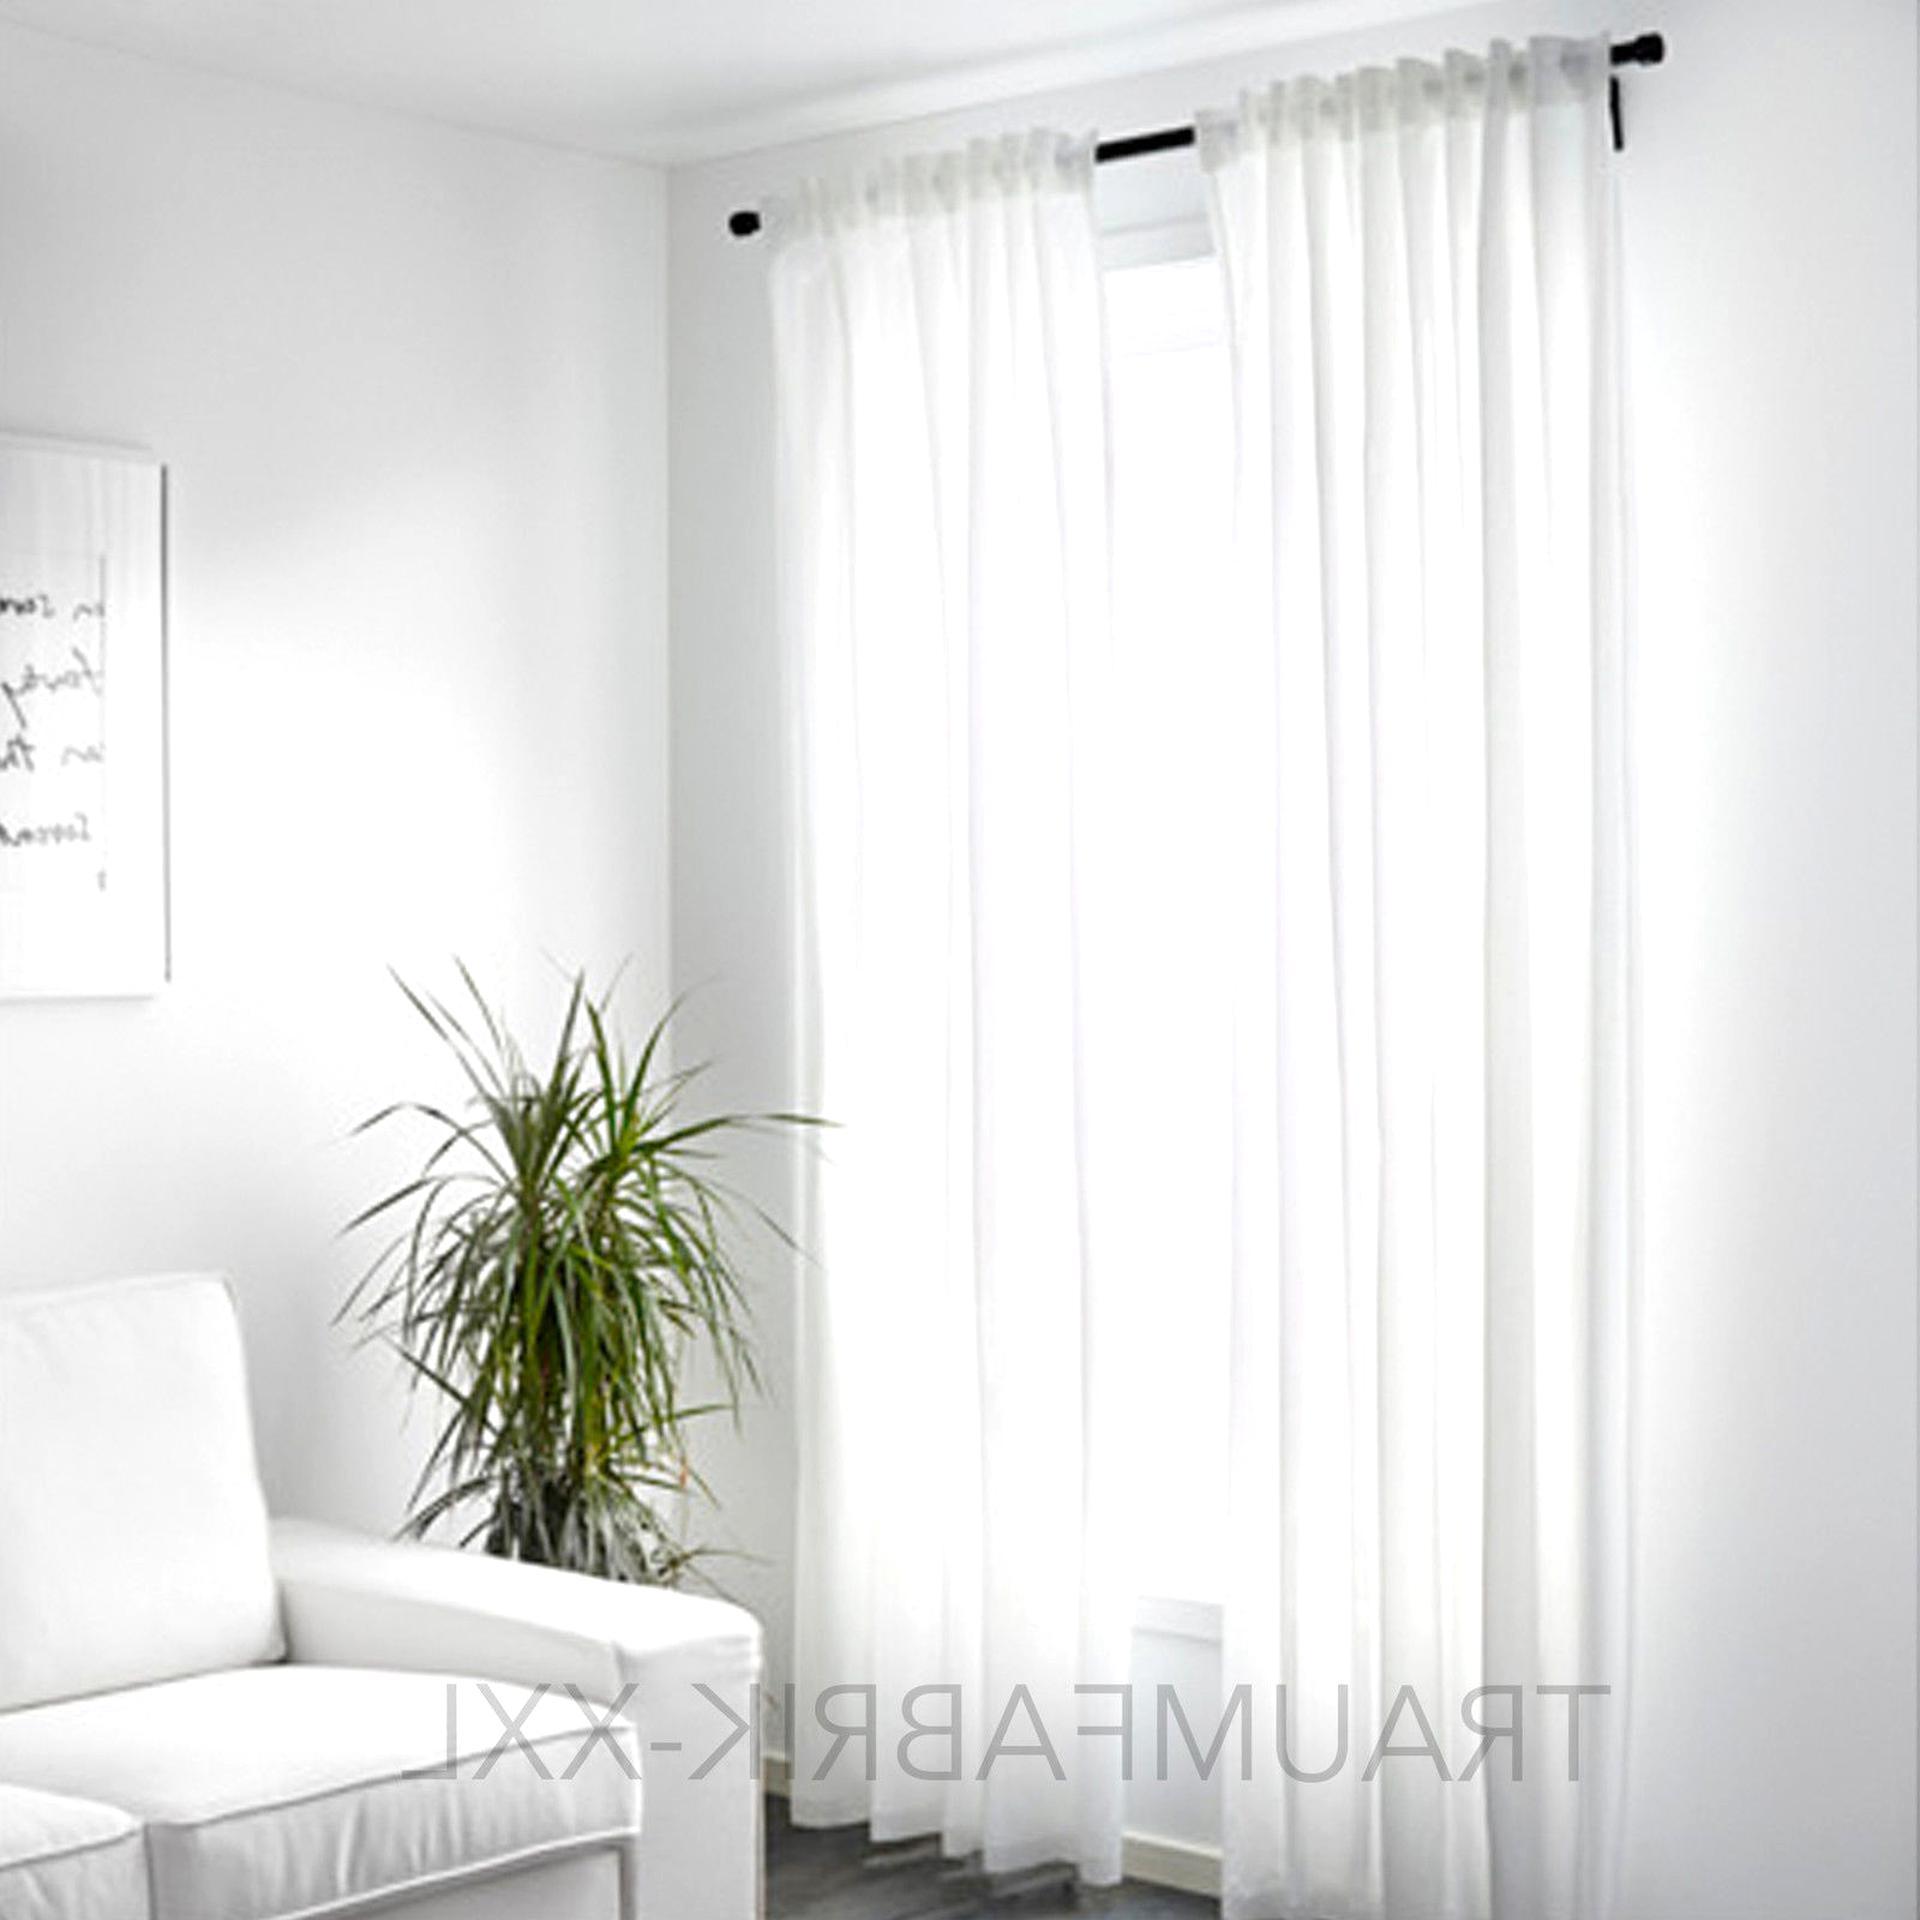 Full Size of Schlaufenschal Ikea Gebraucht Kaufen 2 St Bis 60 Gnstiger Miniküche Fenster Gardinen Für Die Küche Modulküche Kosten Schlafzimmer Scheibengardinen Wohnzimmer Ikea Gardinen